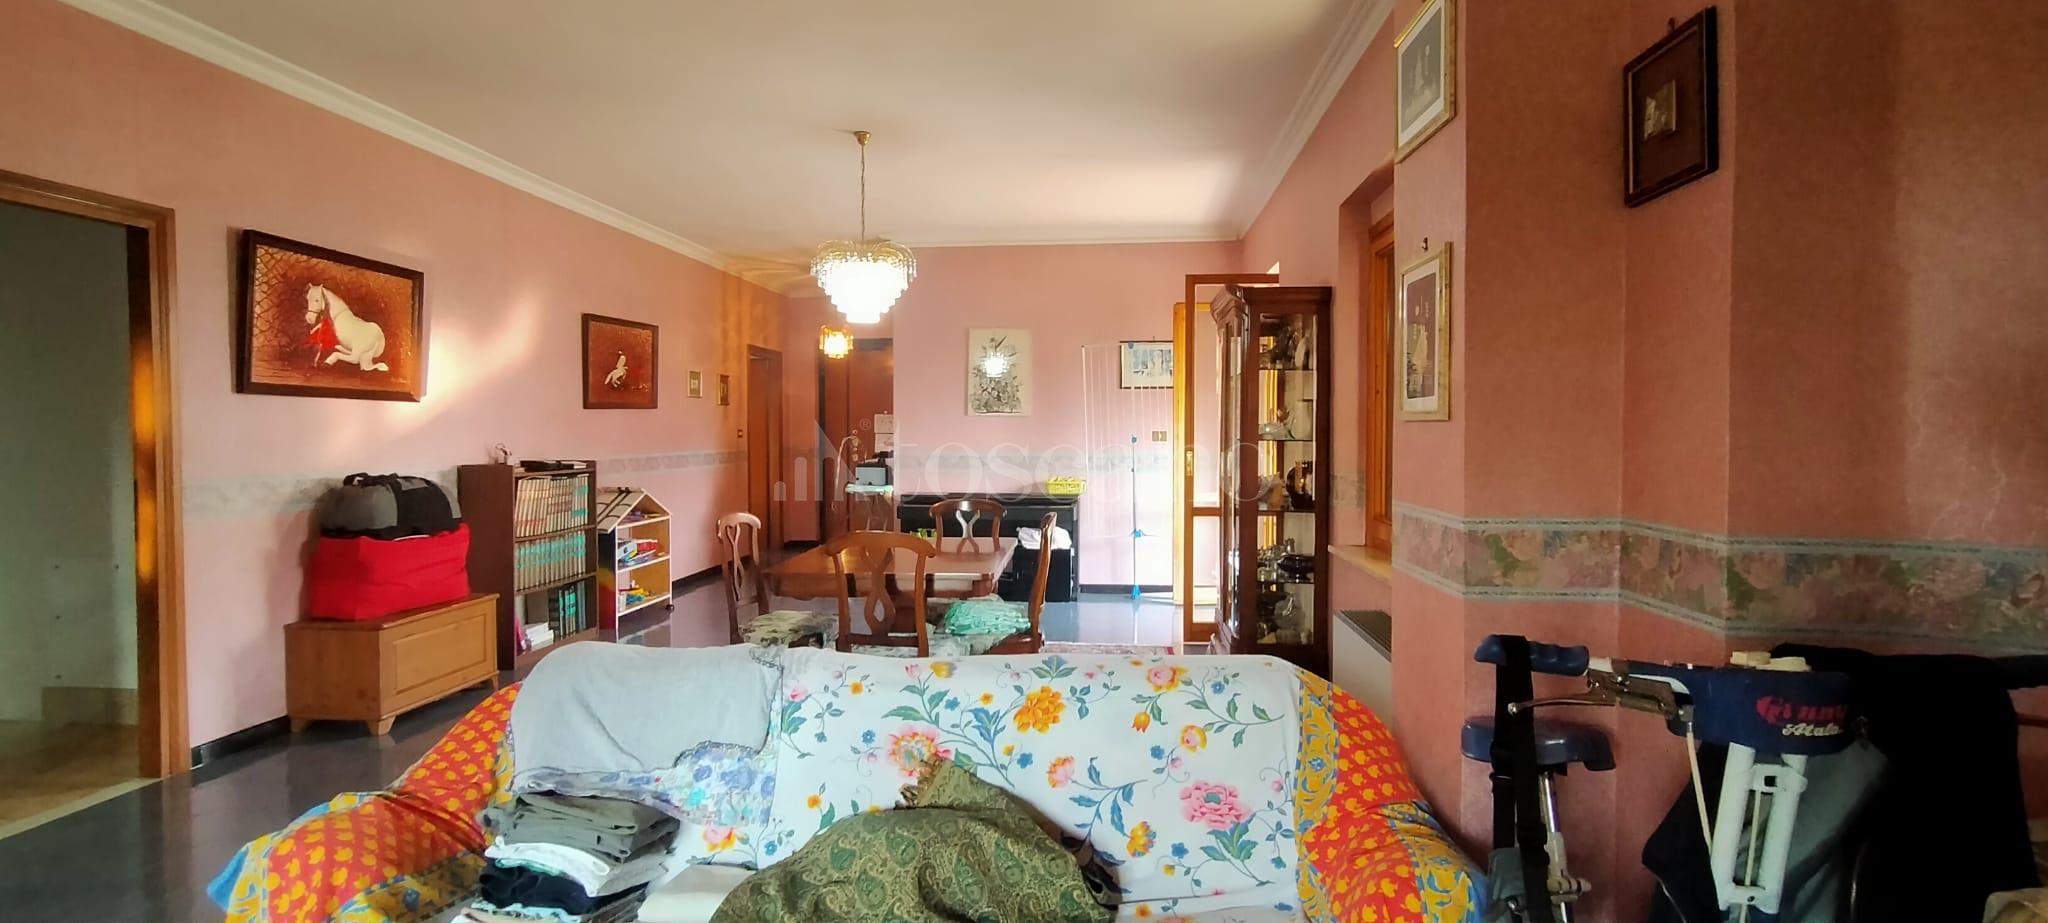 Villa in vendita di 350 mq a €799.000 (rif. 58/2020) immagine 12 di 15